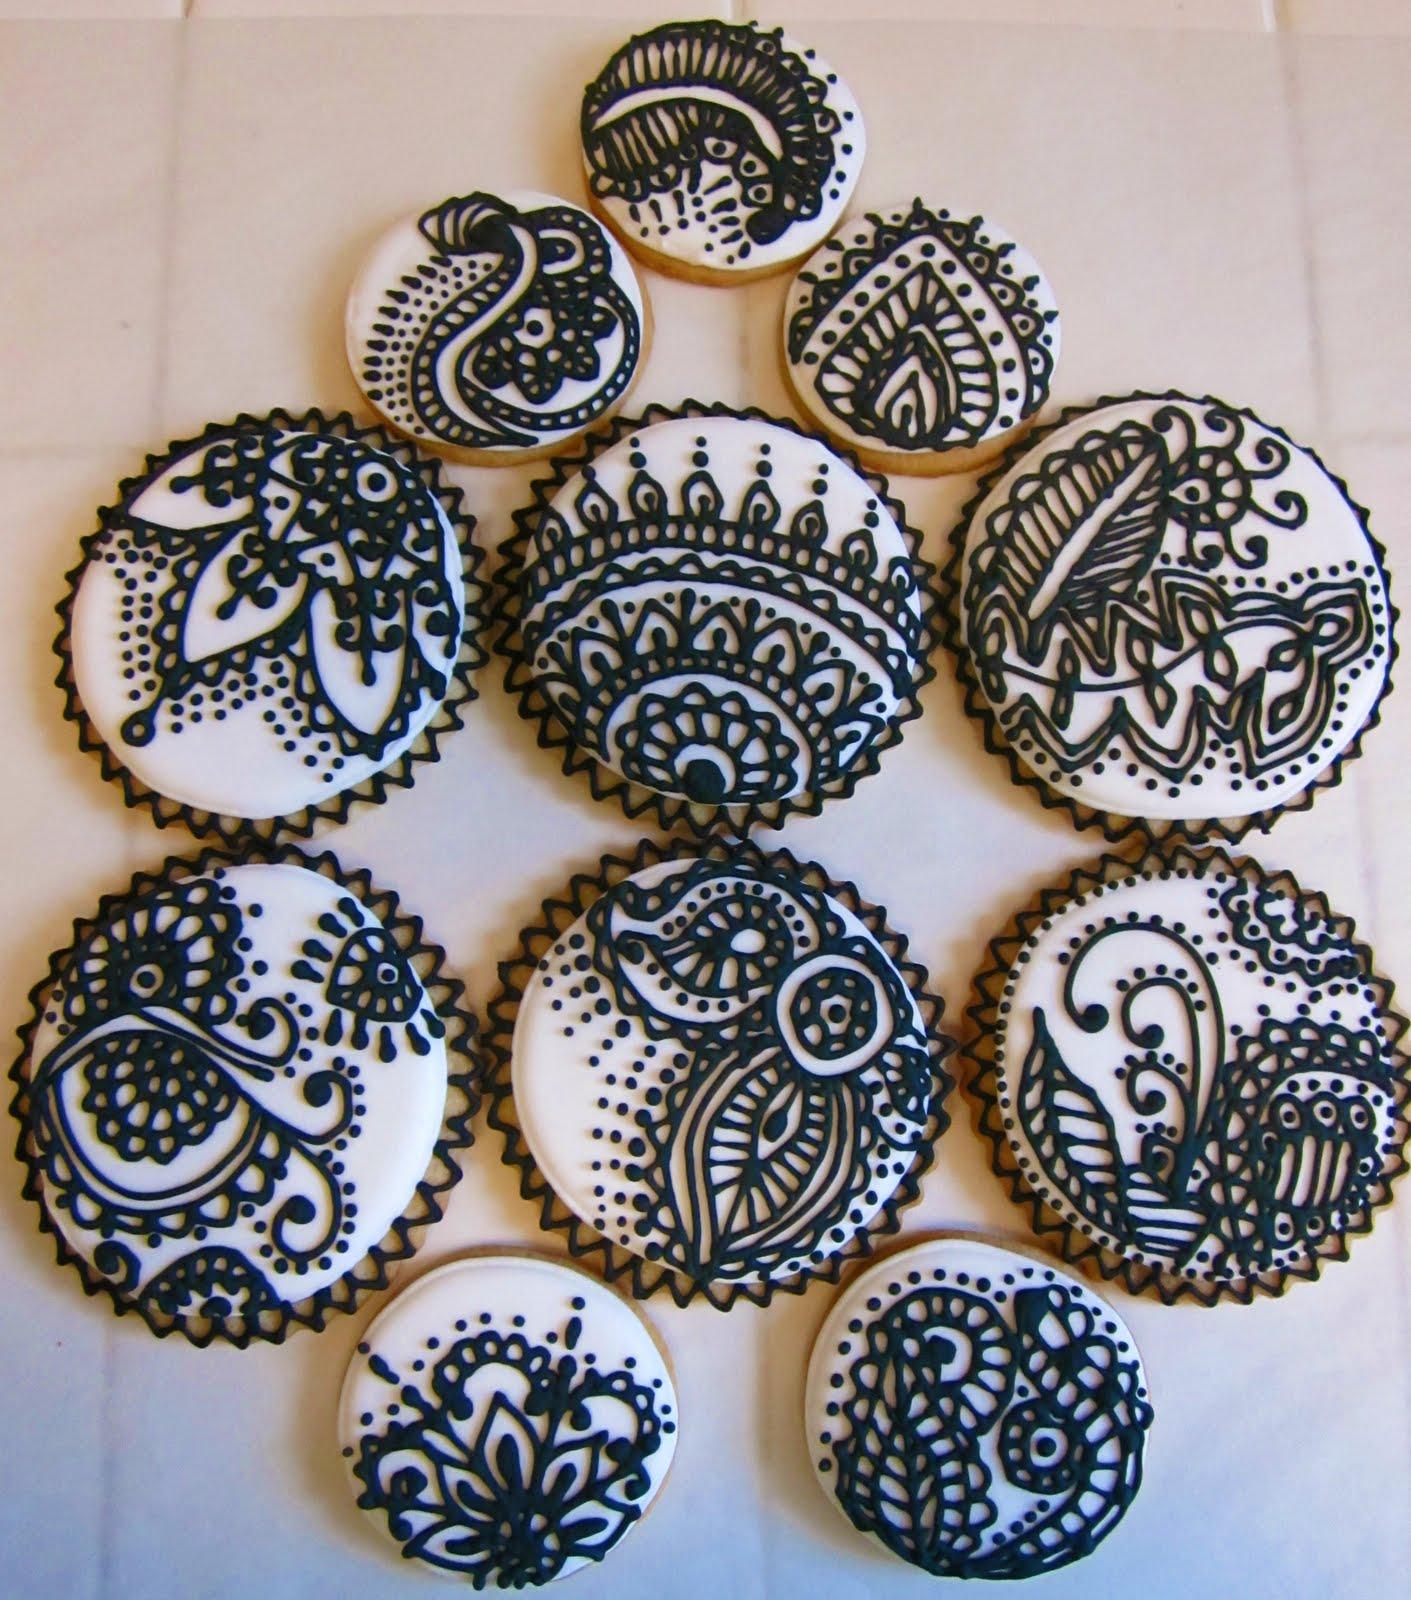 Asian Mehndi Party Ideas : Mehndi henna inspired cookies asian wedding ideas